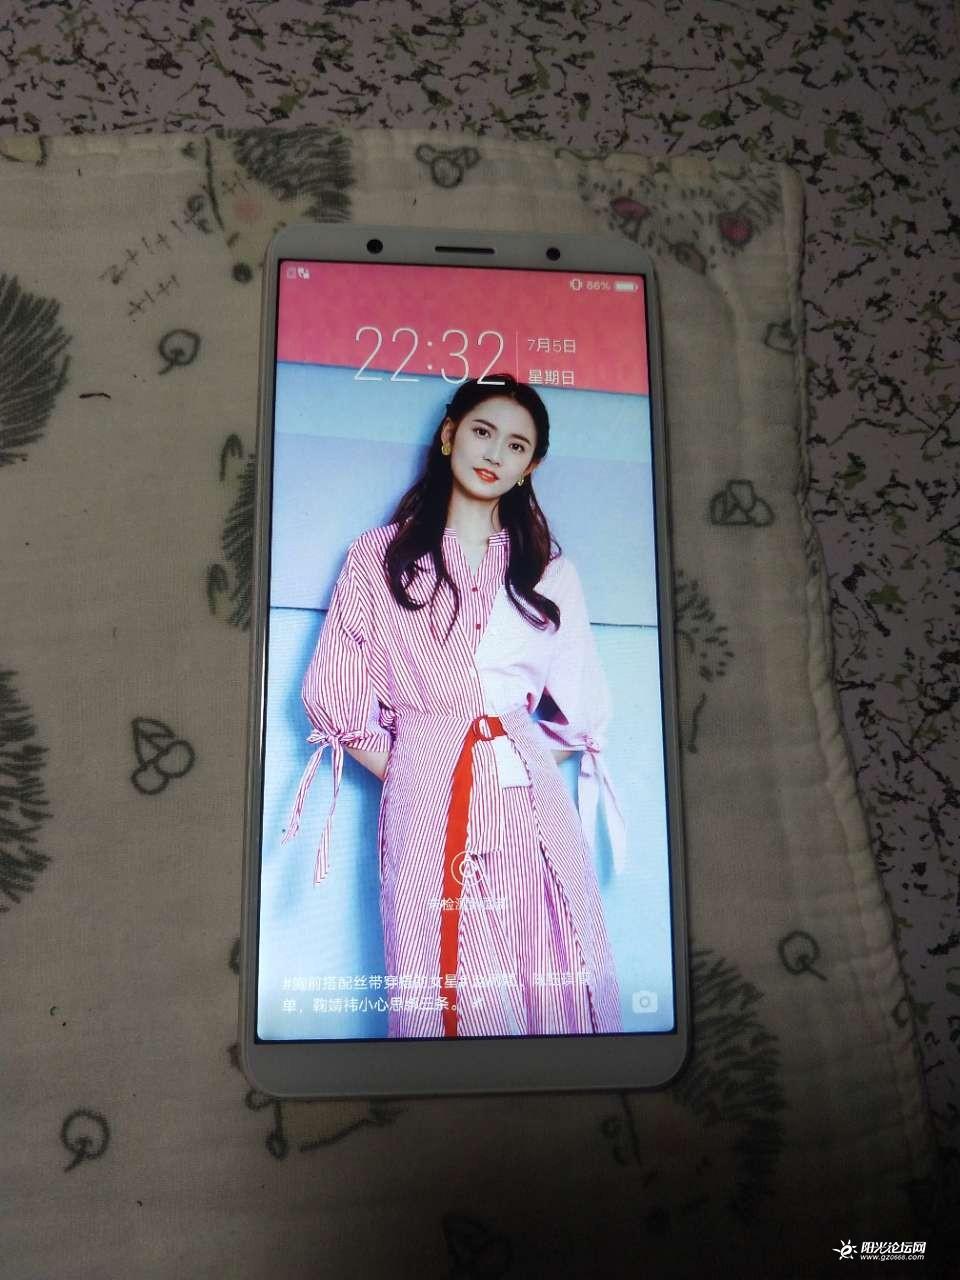 出售vivo x20a手机,内存4+64G,面部识别,后置指纹解锁图1